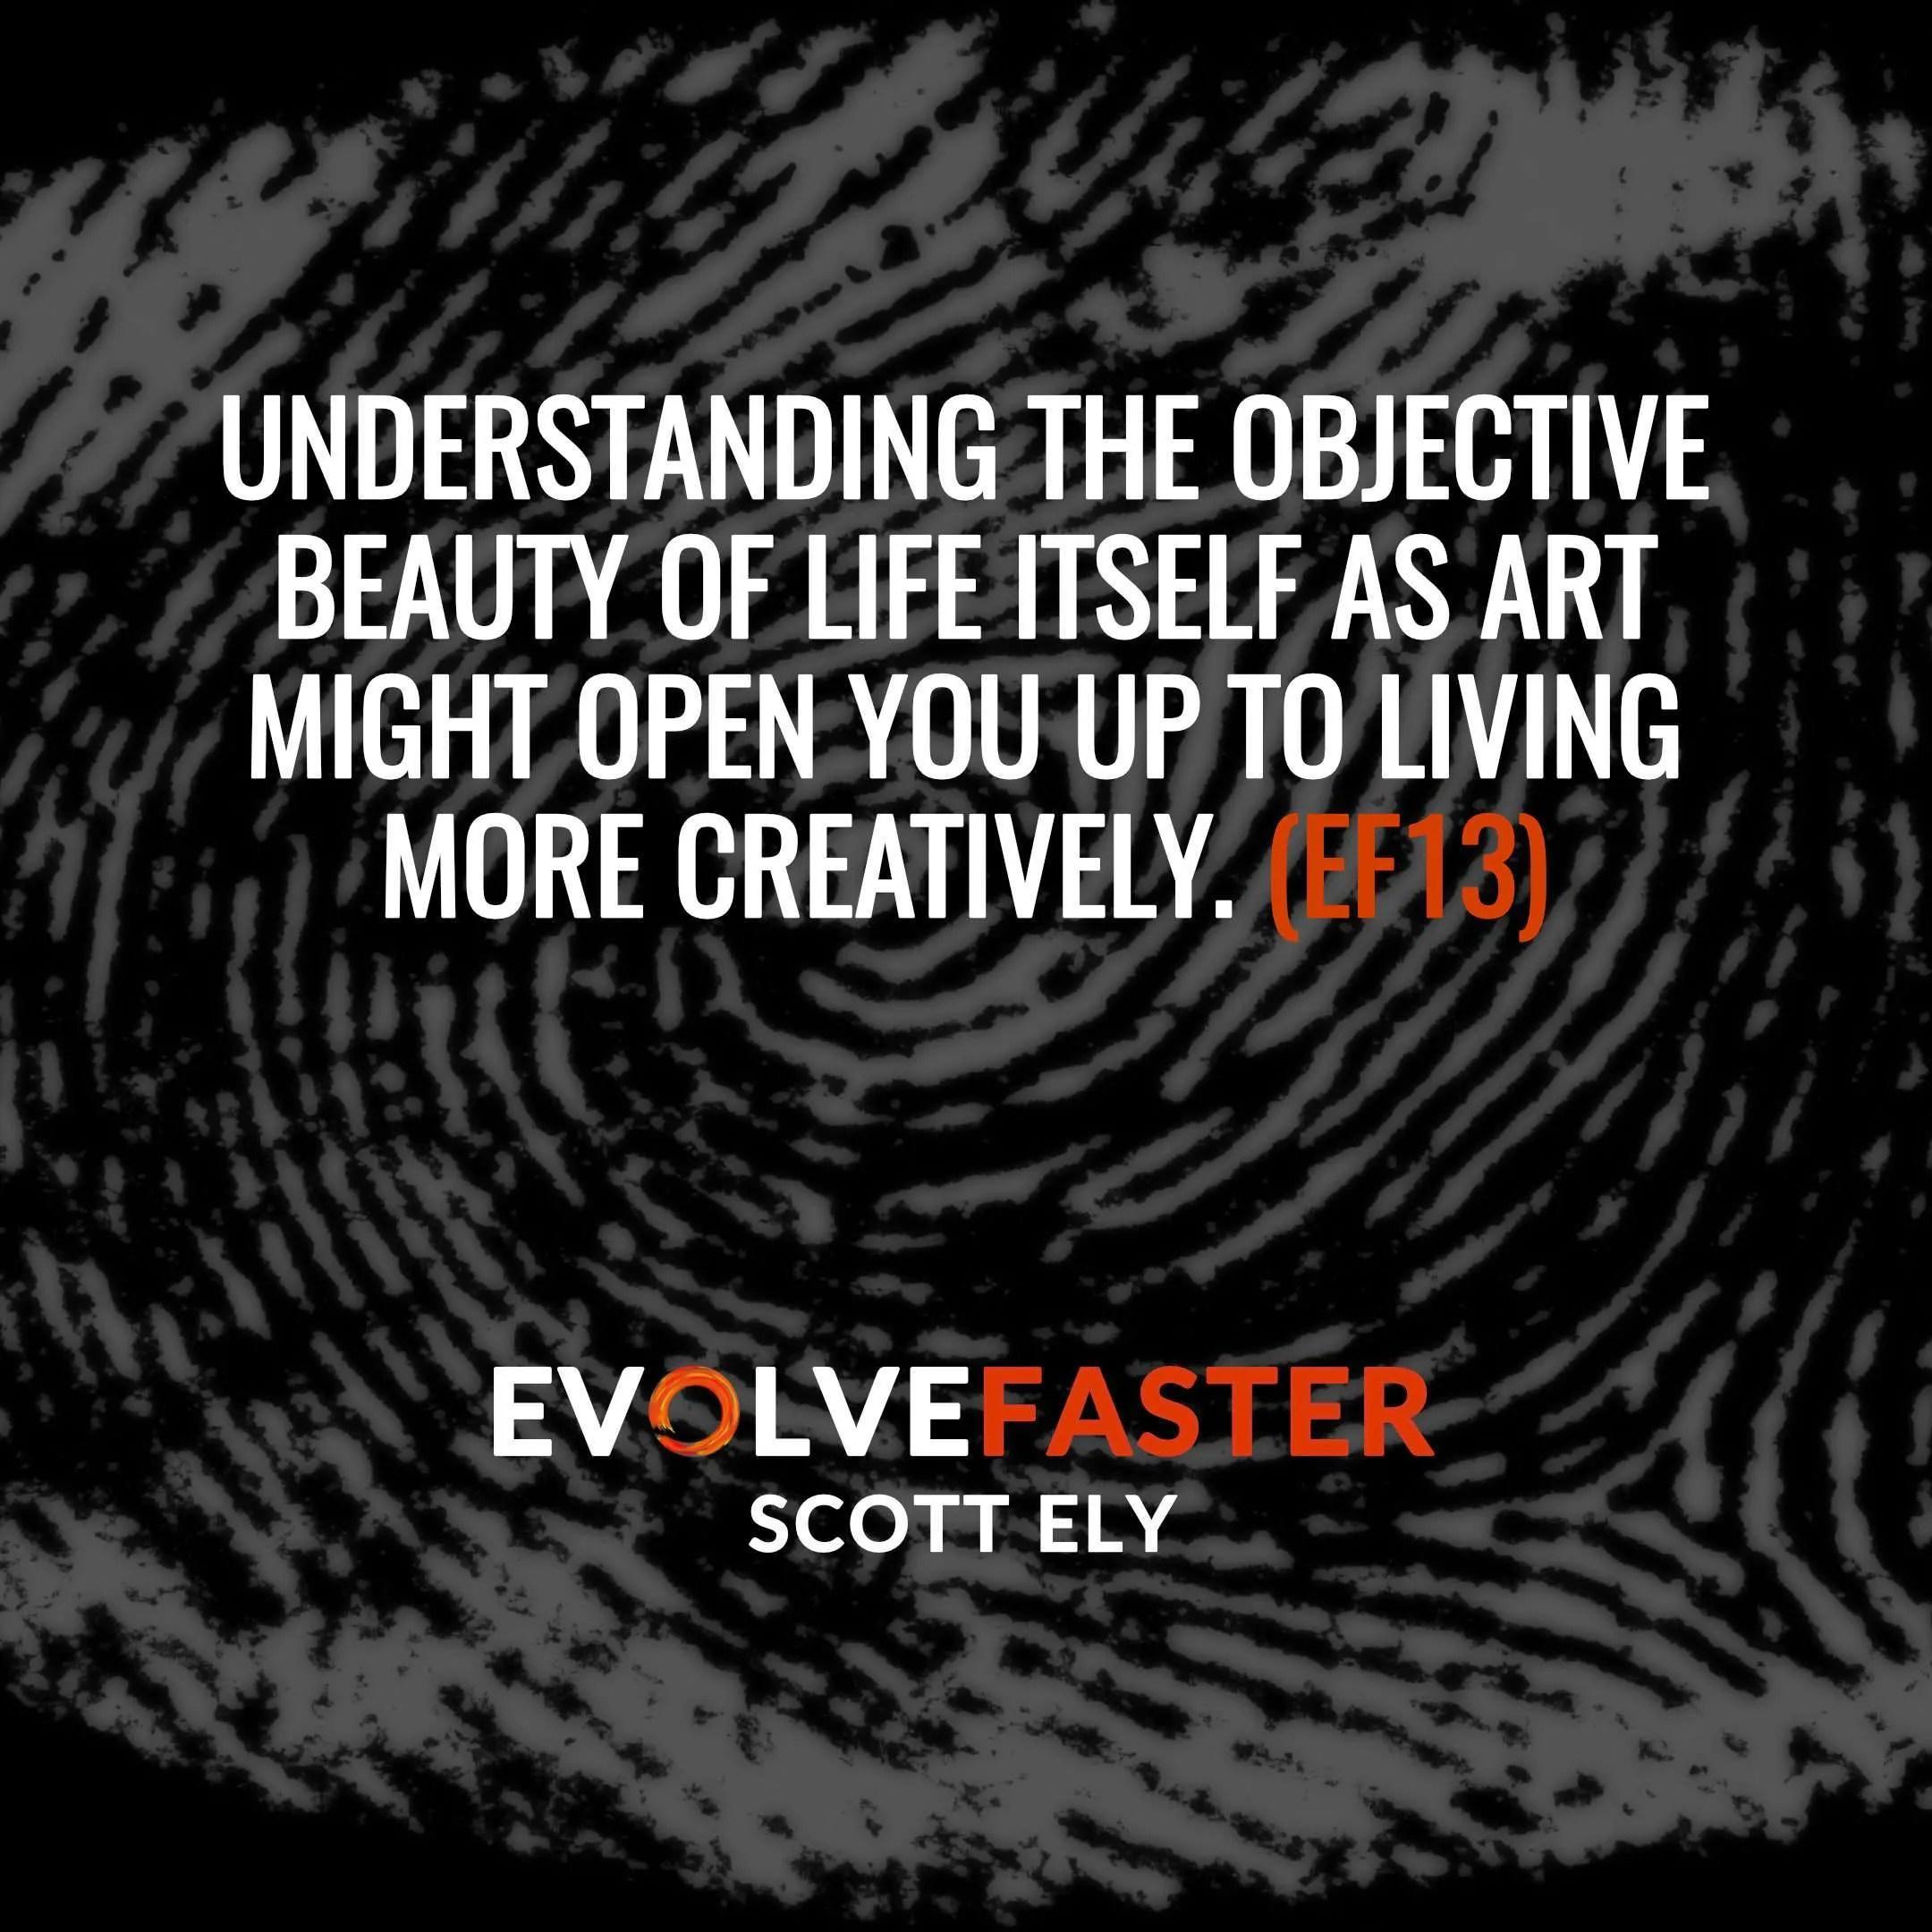 ef13 show notes evolve